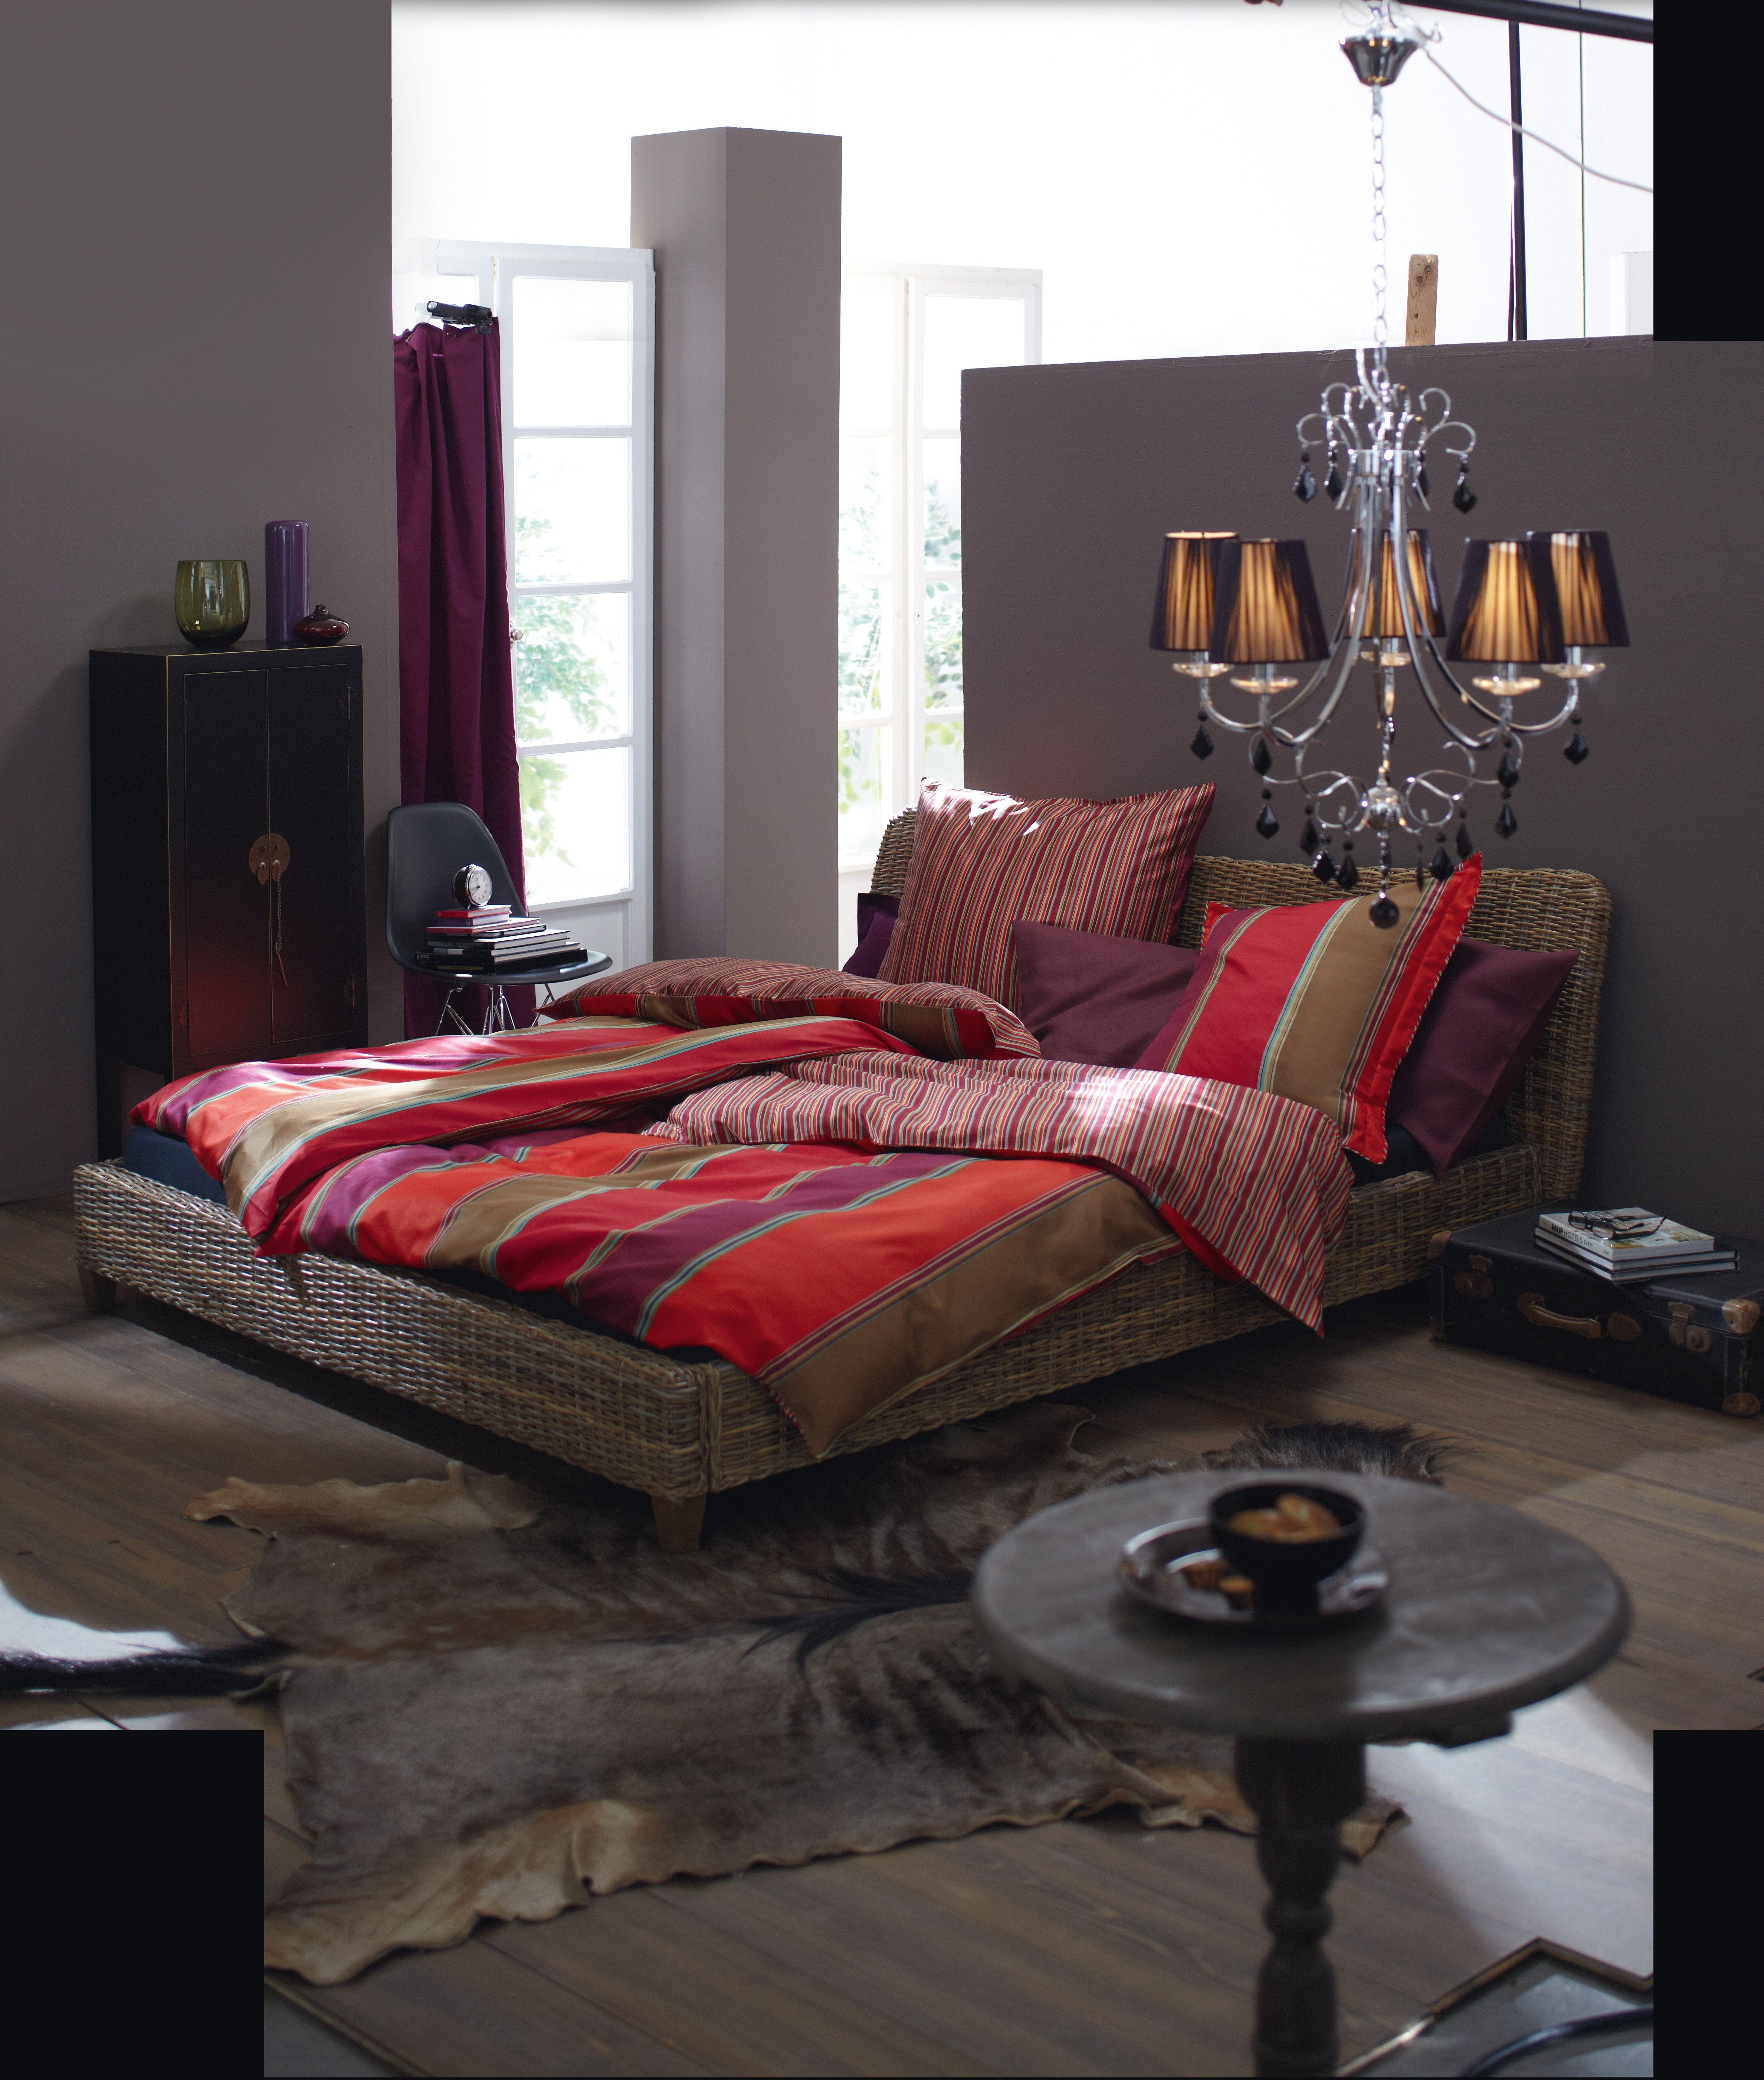 Rattanbett / Rattan Bed #impressionen #schlafzimmer | Schlafzimmer ...